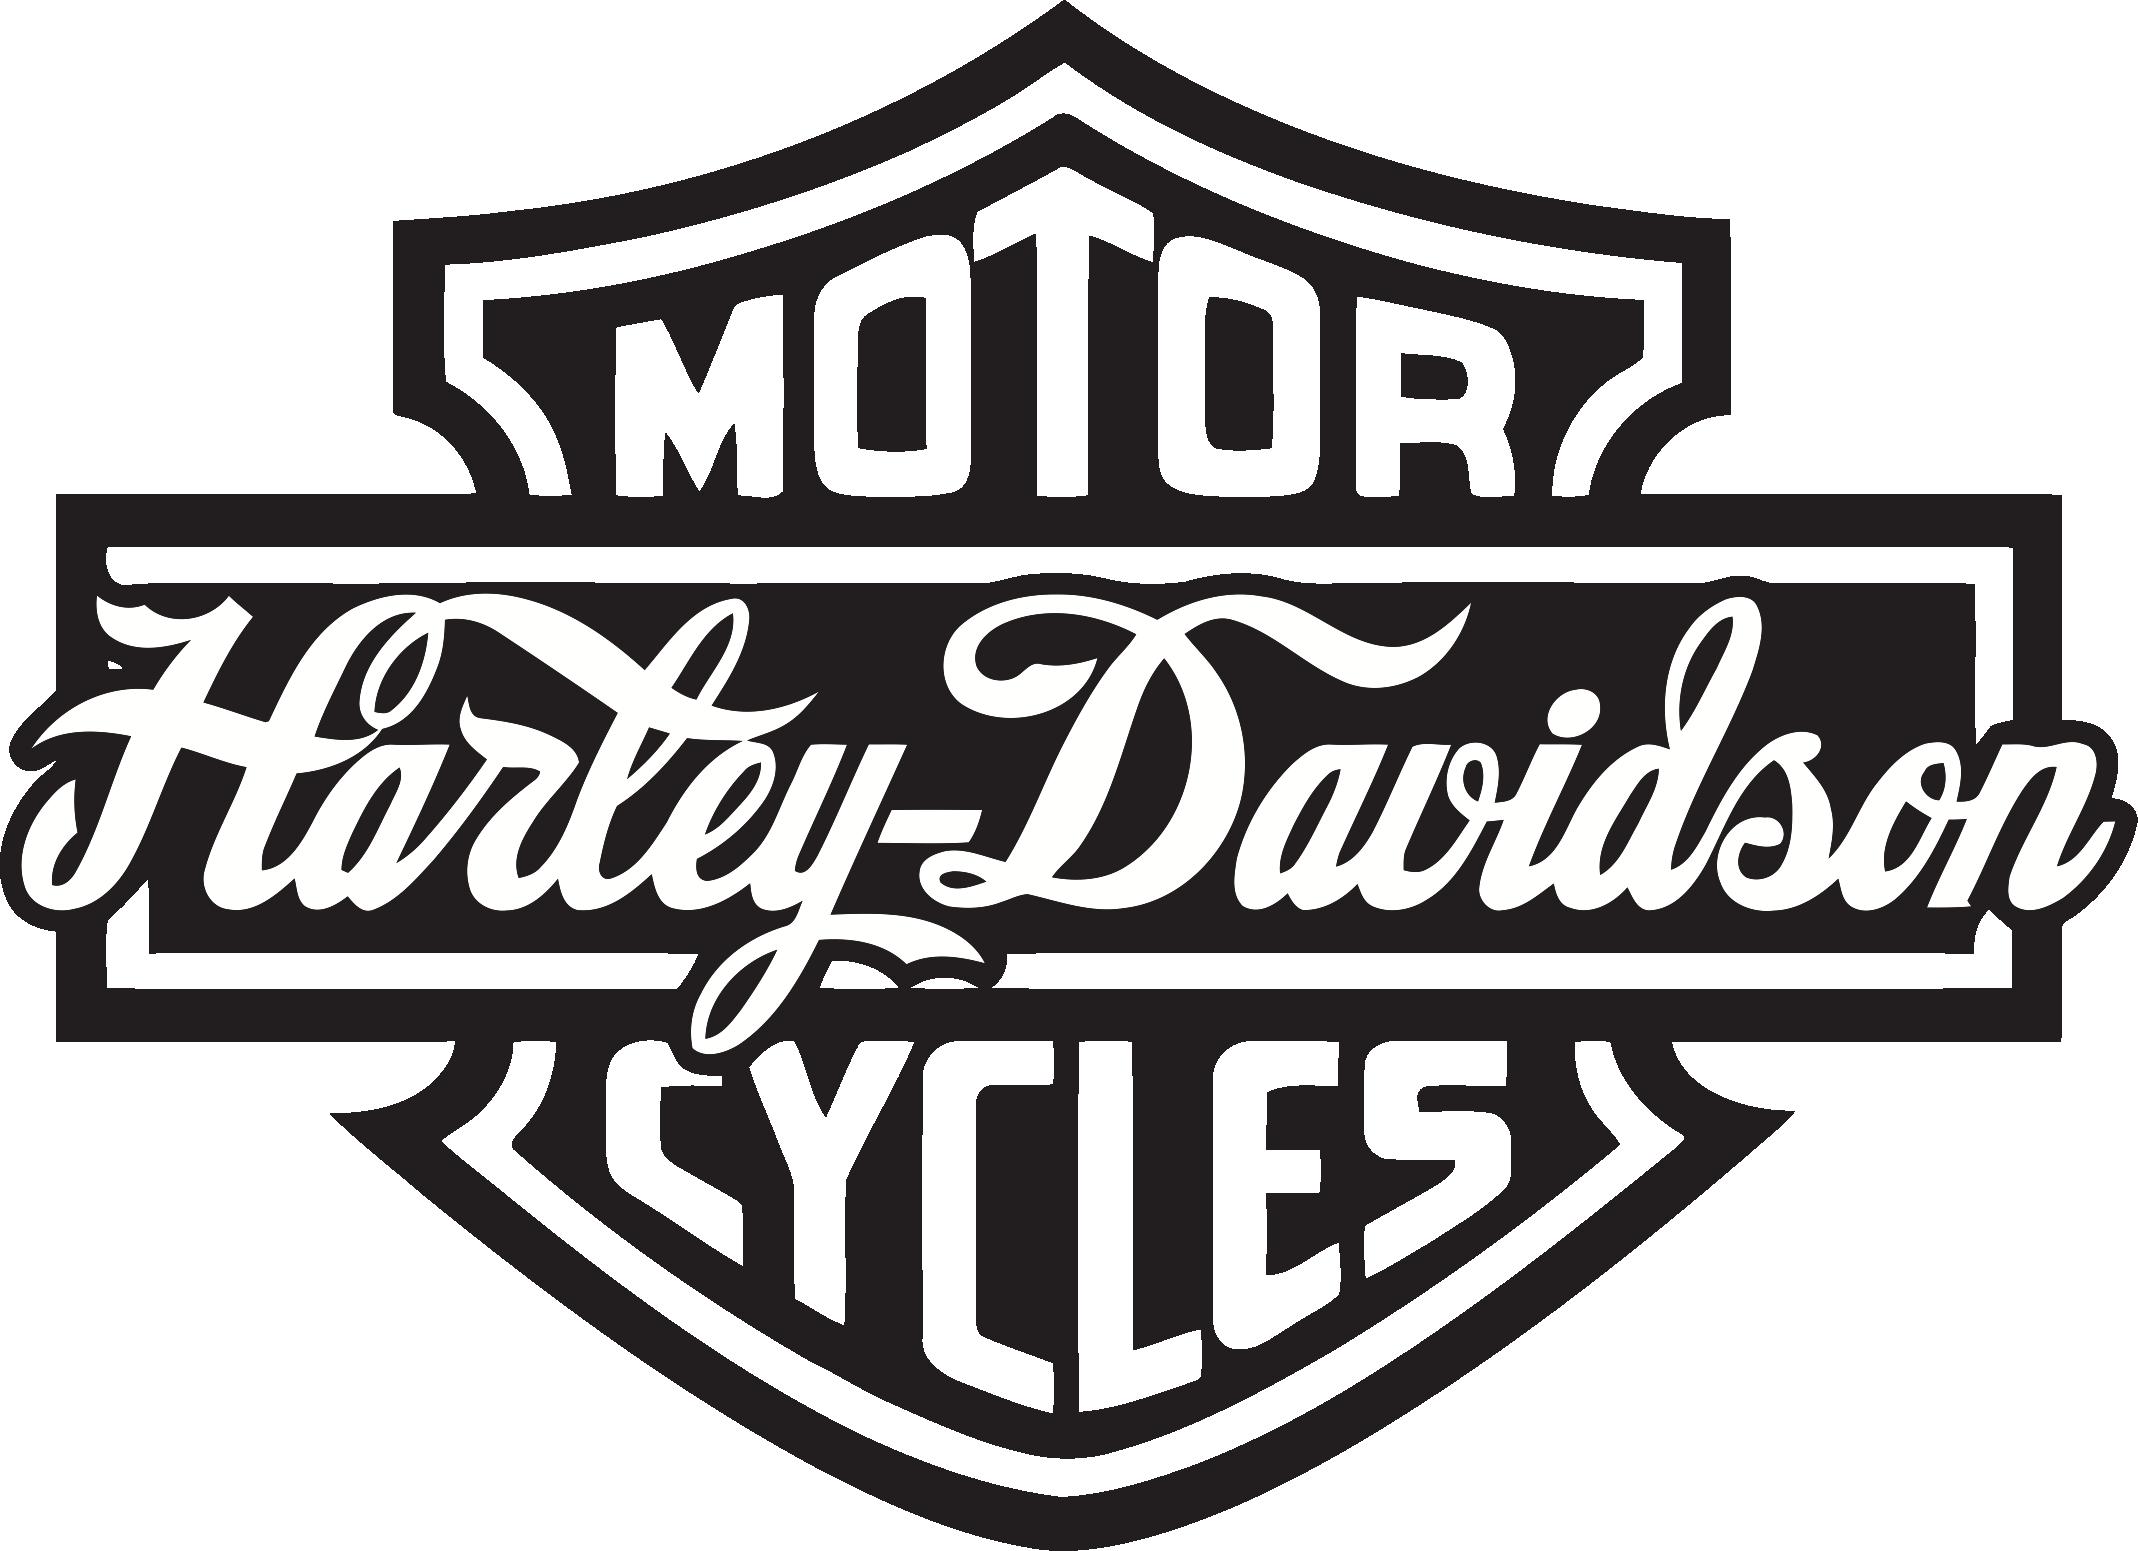 Harley Davidson Logo PNG Image - PurePNG | Free ...